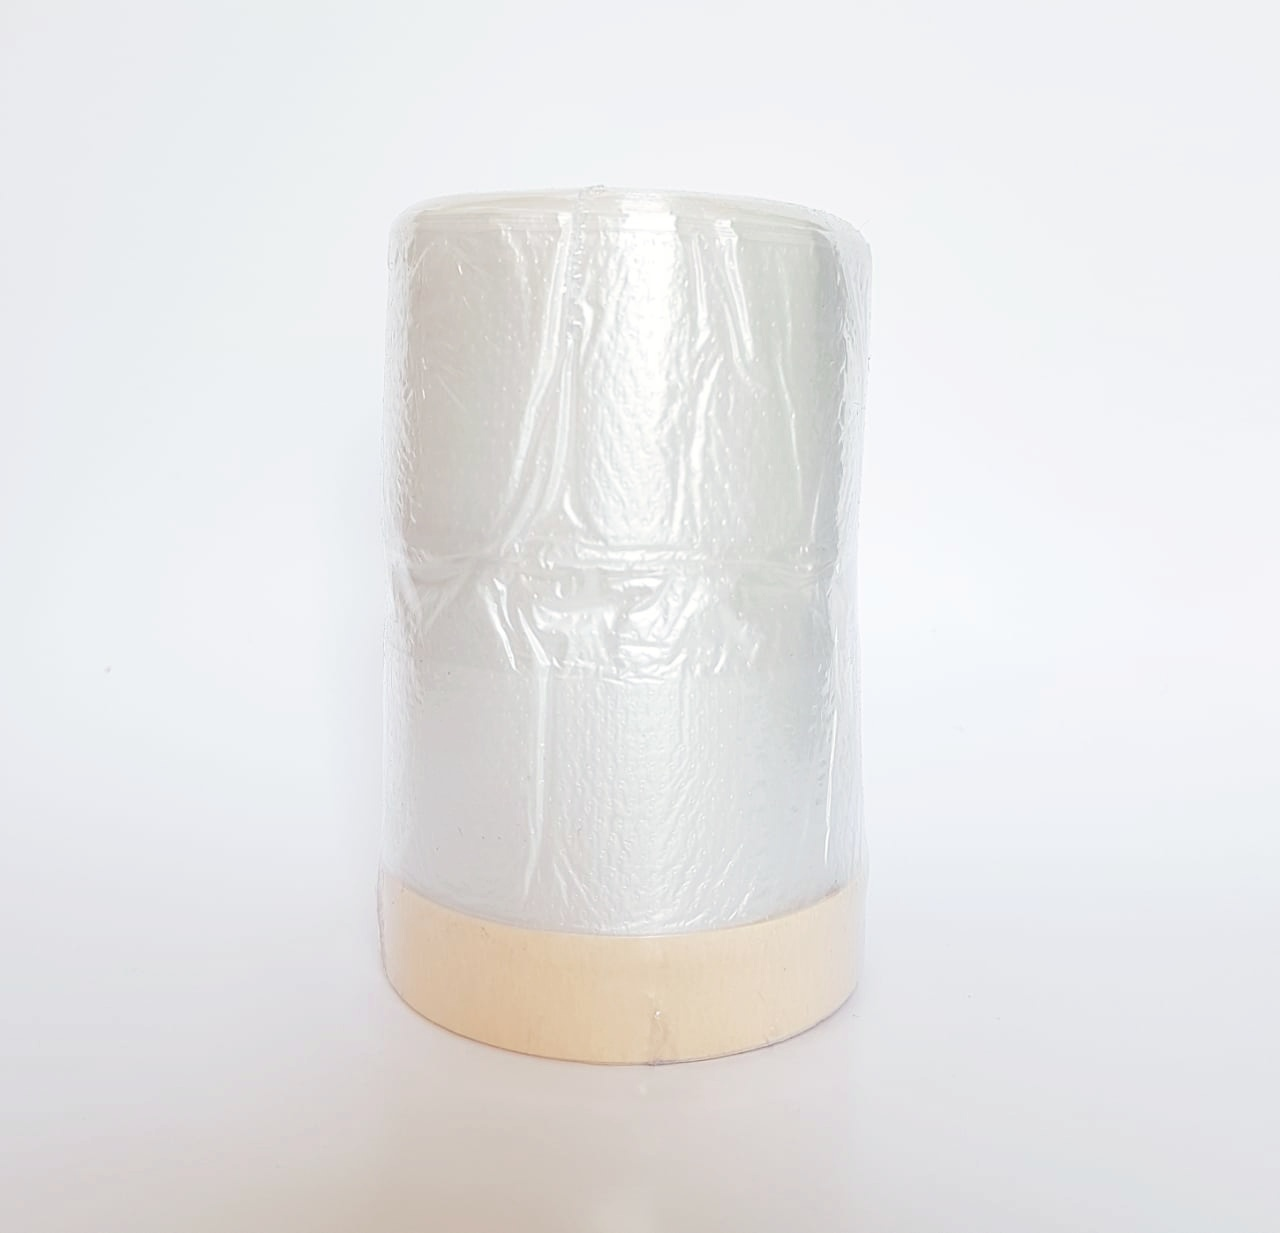 harga Masking Pe Film With Tape Ukuran 0,55 M X 28 M Blanja.com